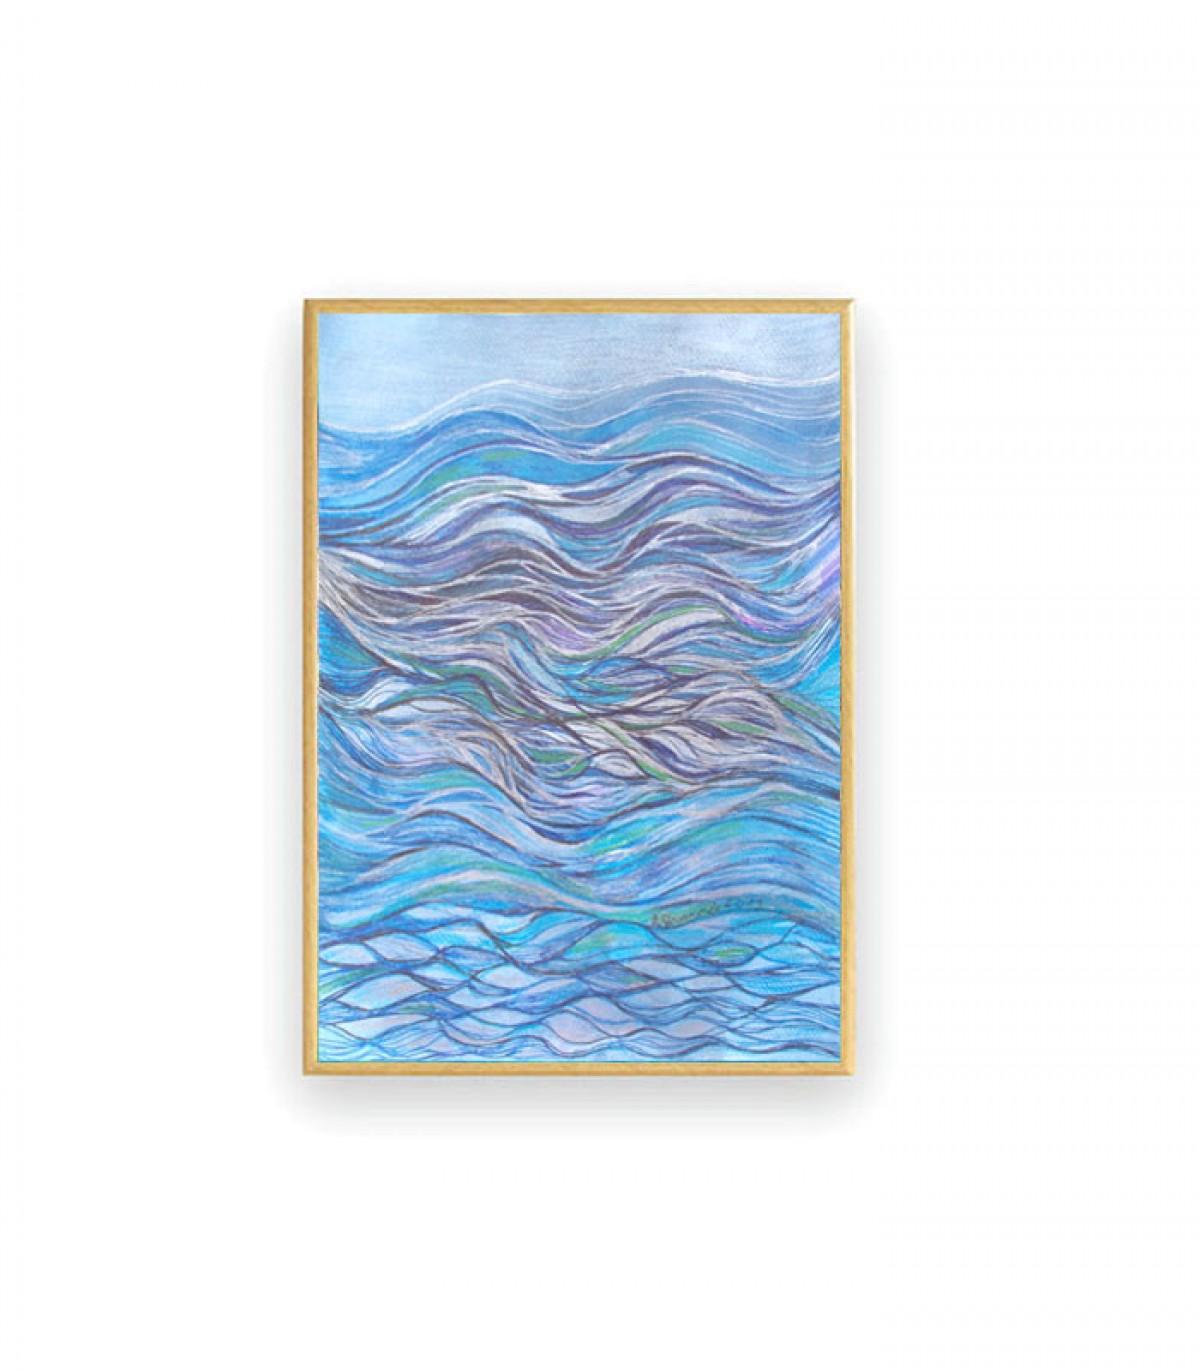 nowoczesny rysunek, oprawiona grafika, ręcznie malowany obraz